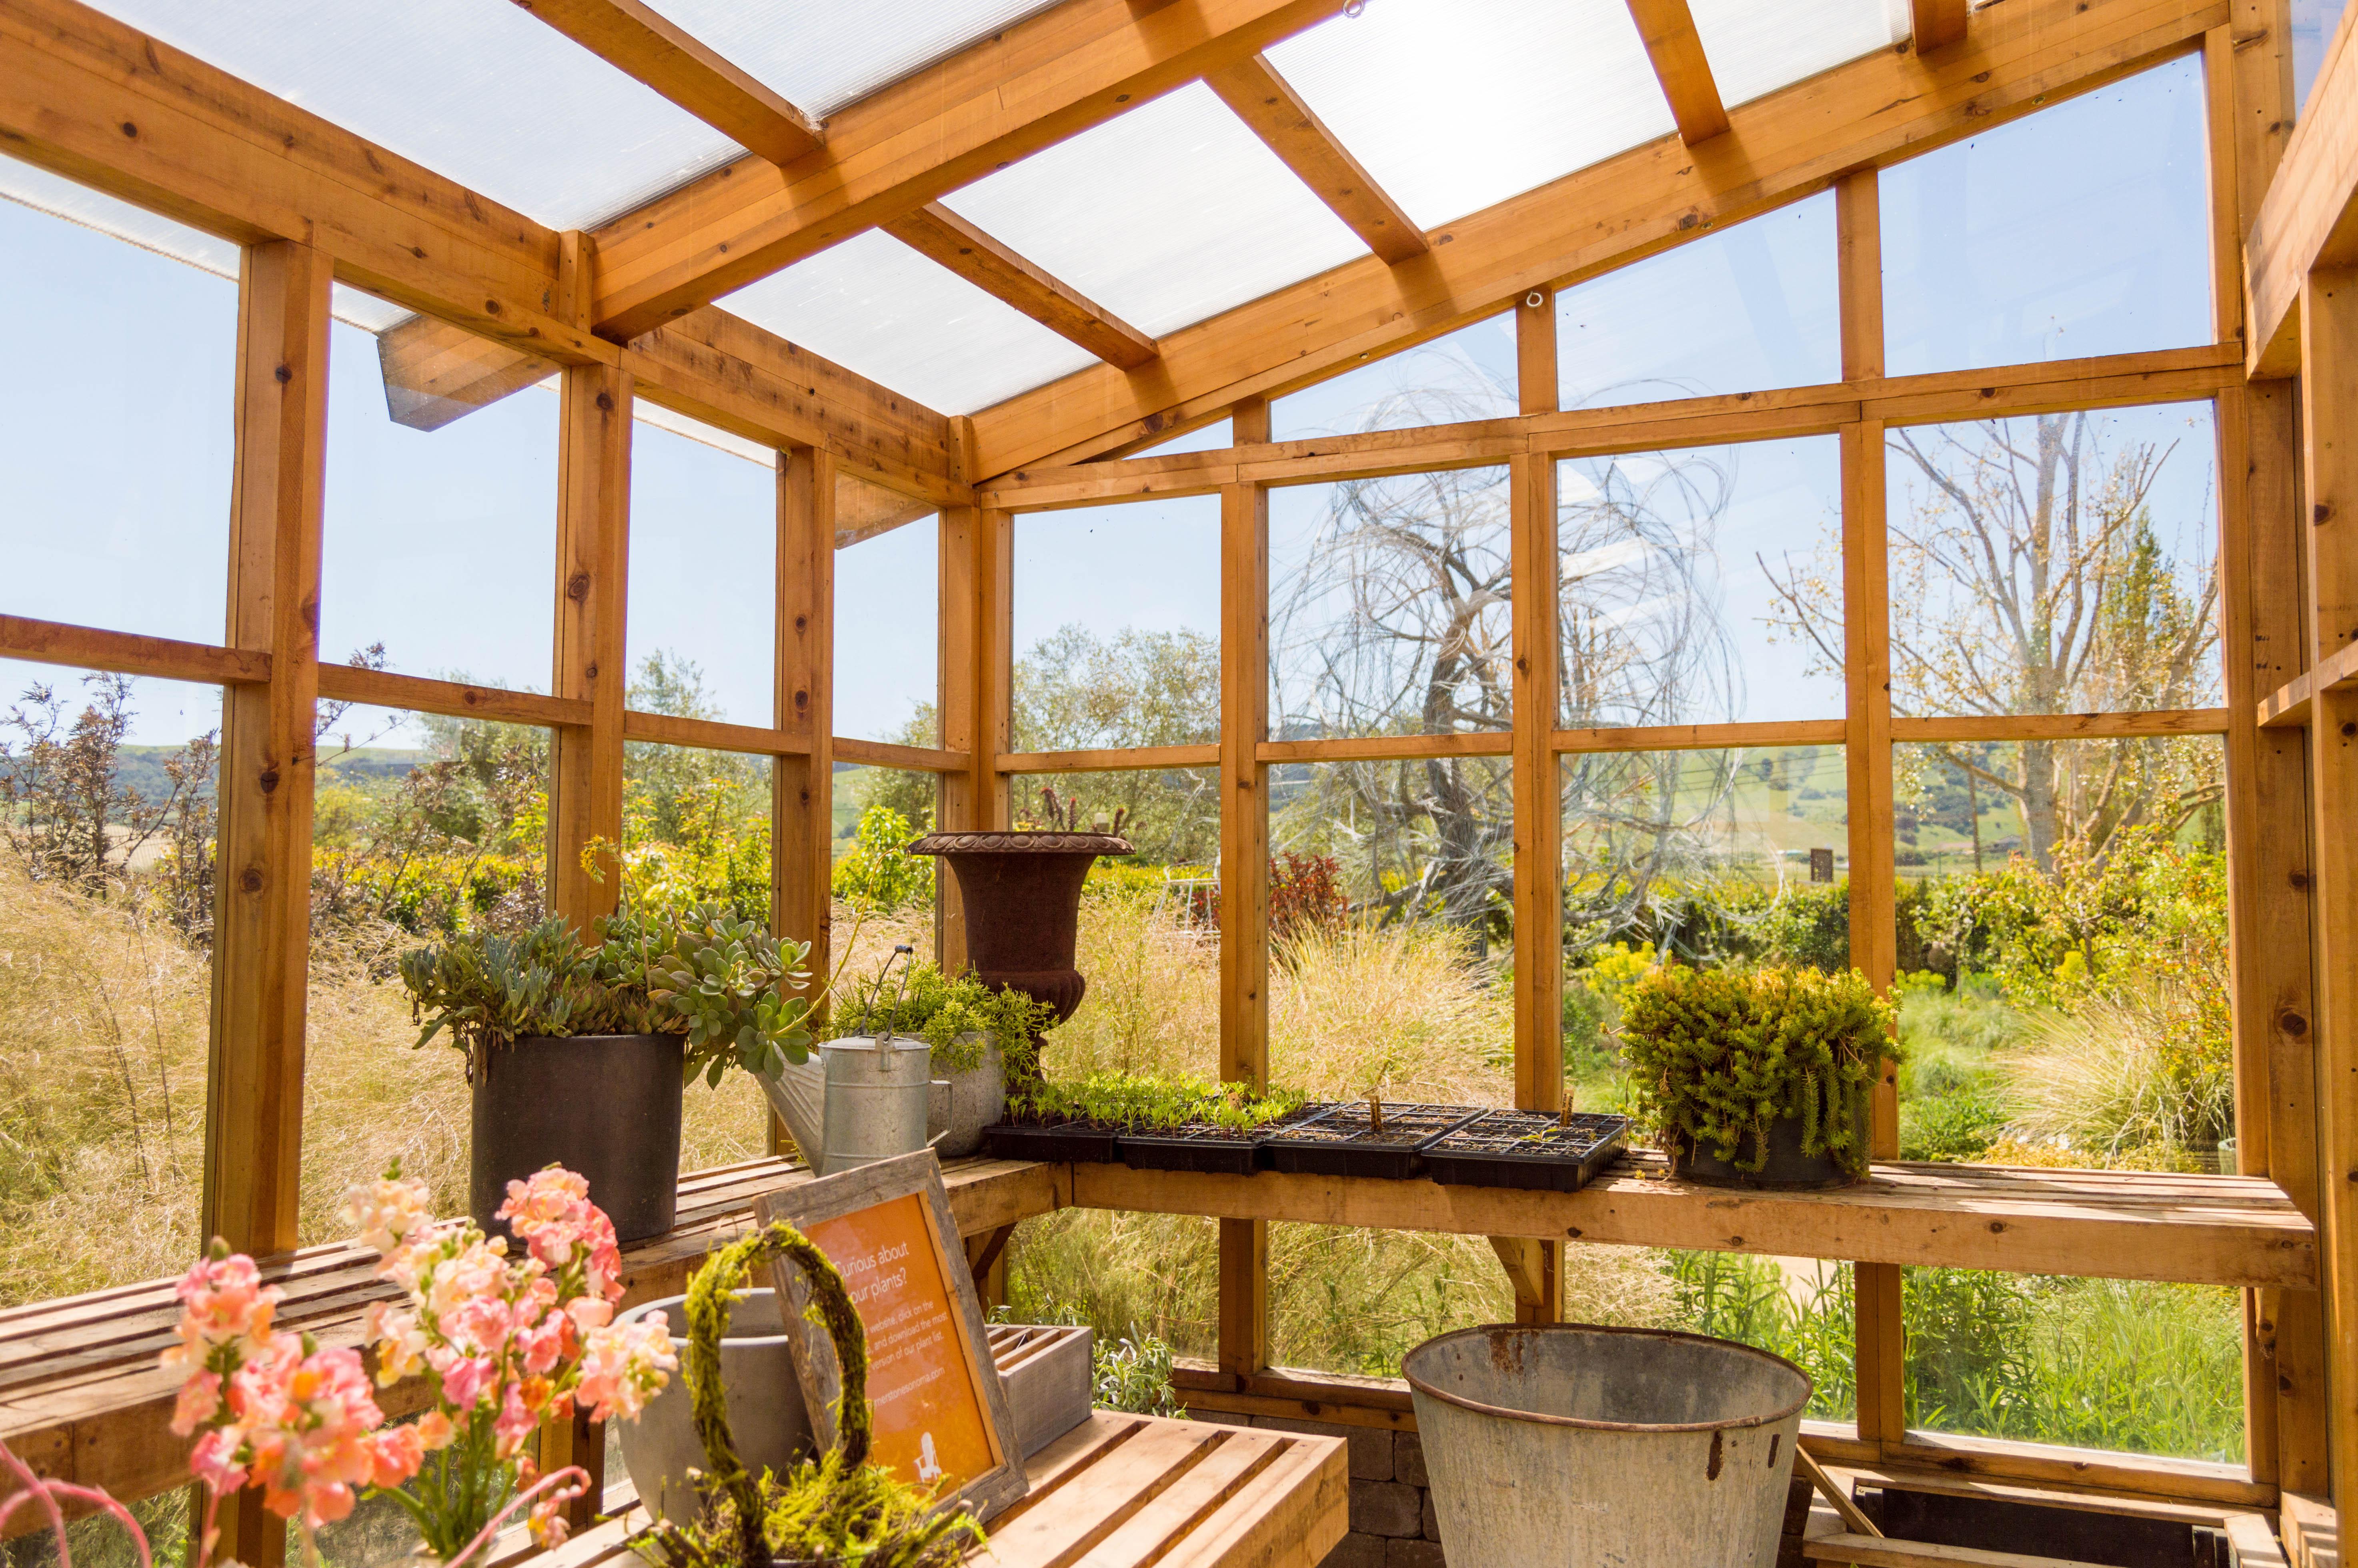 Cornerstone Sonoma in Sonoma County, California